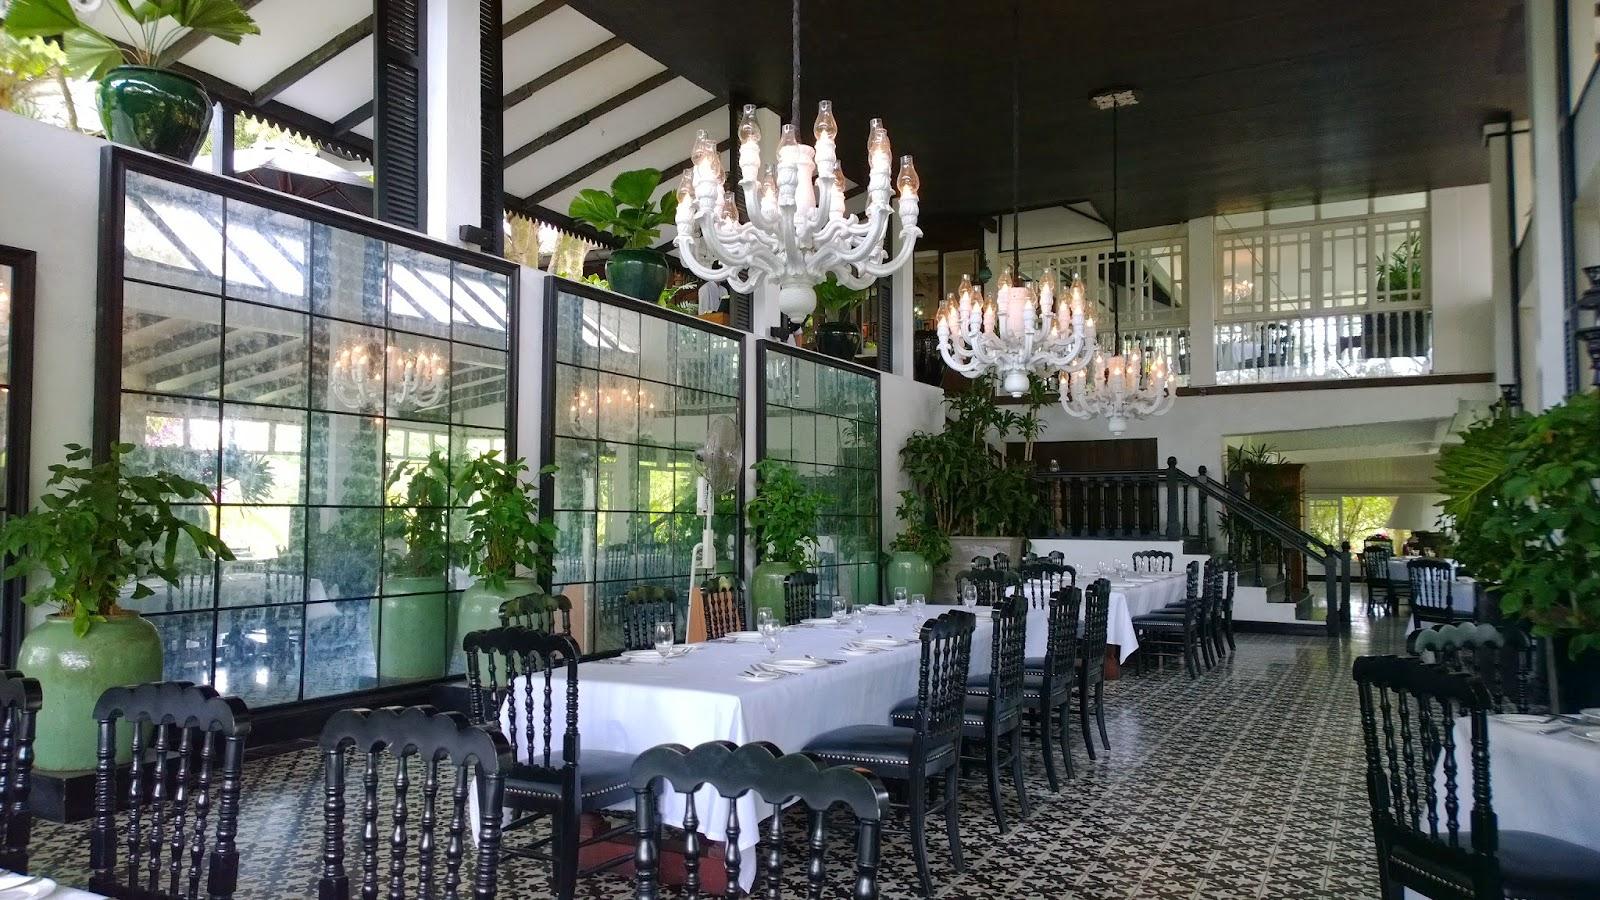 manila top interior designers - photo #18